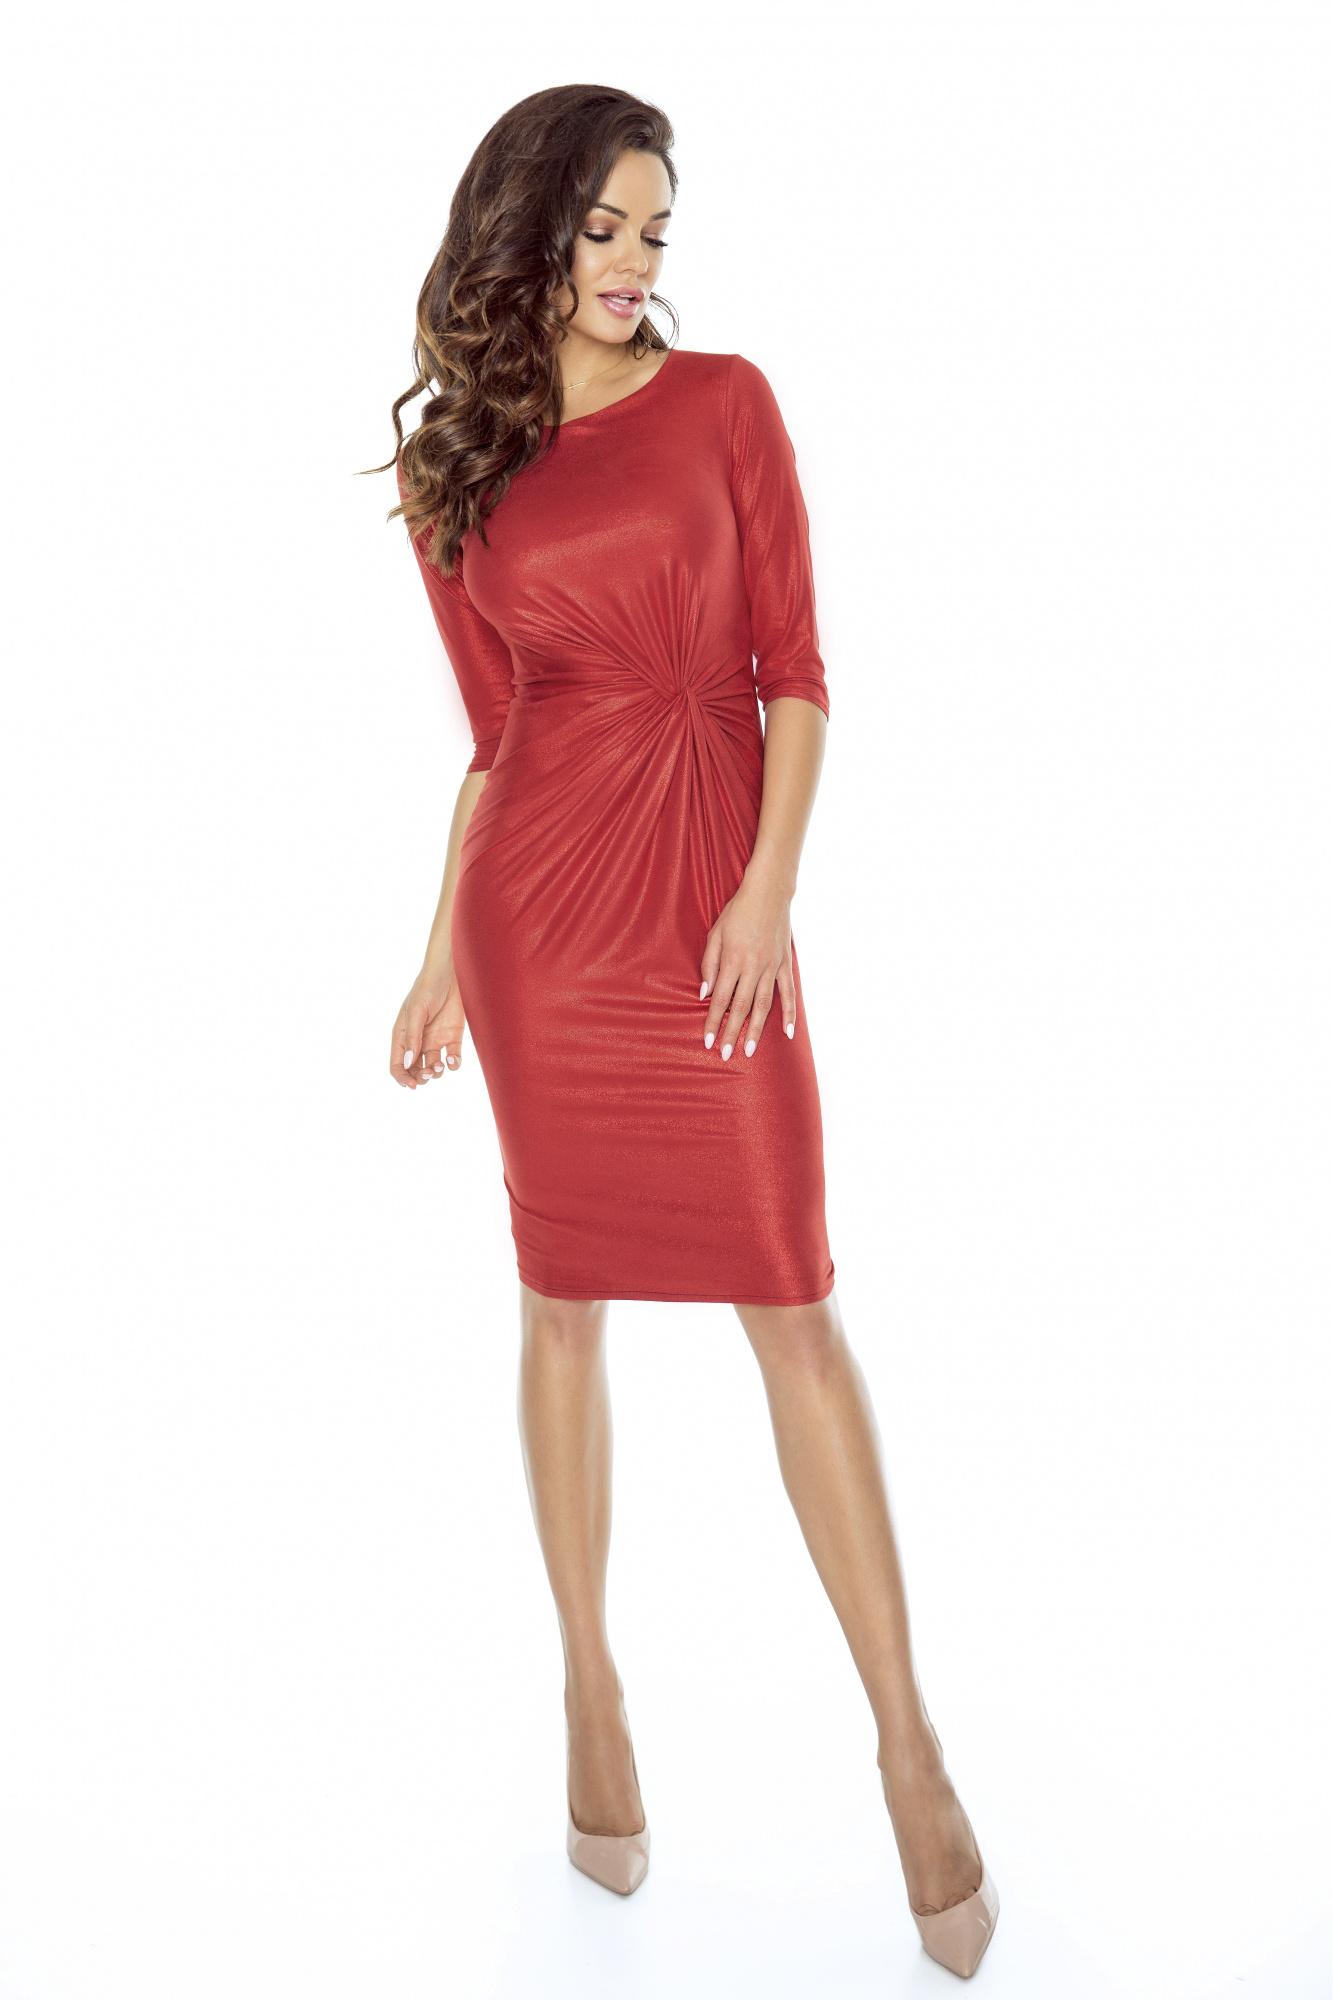 fe831406b4 Wieczorowa sukienka z węzłem KM241-1 - ❤ Kartes-Moda ❤